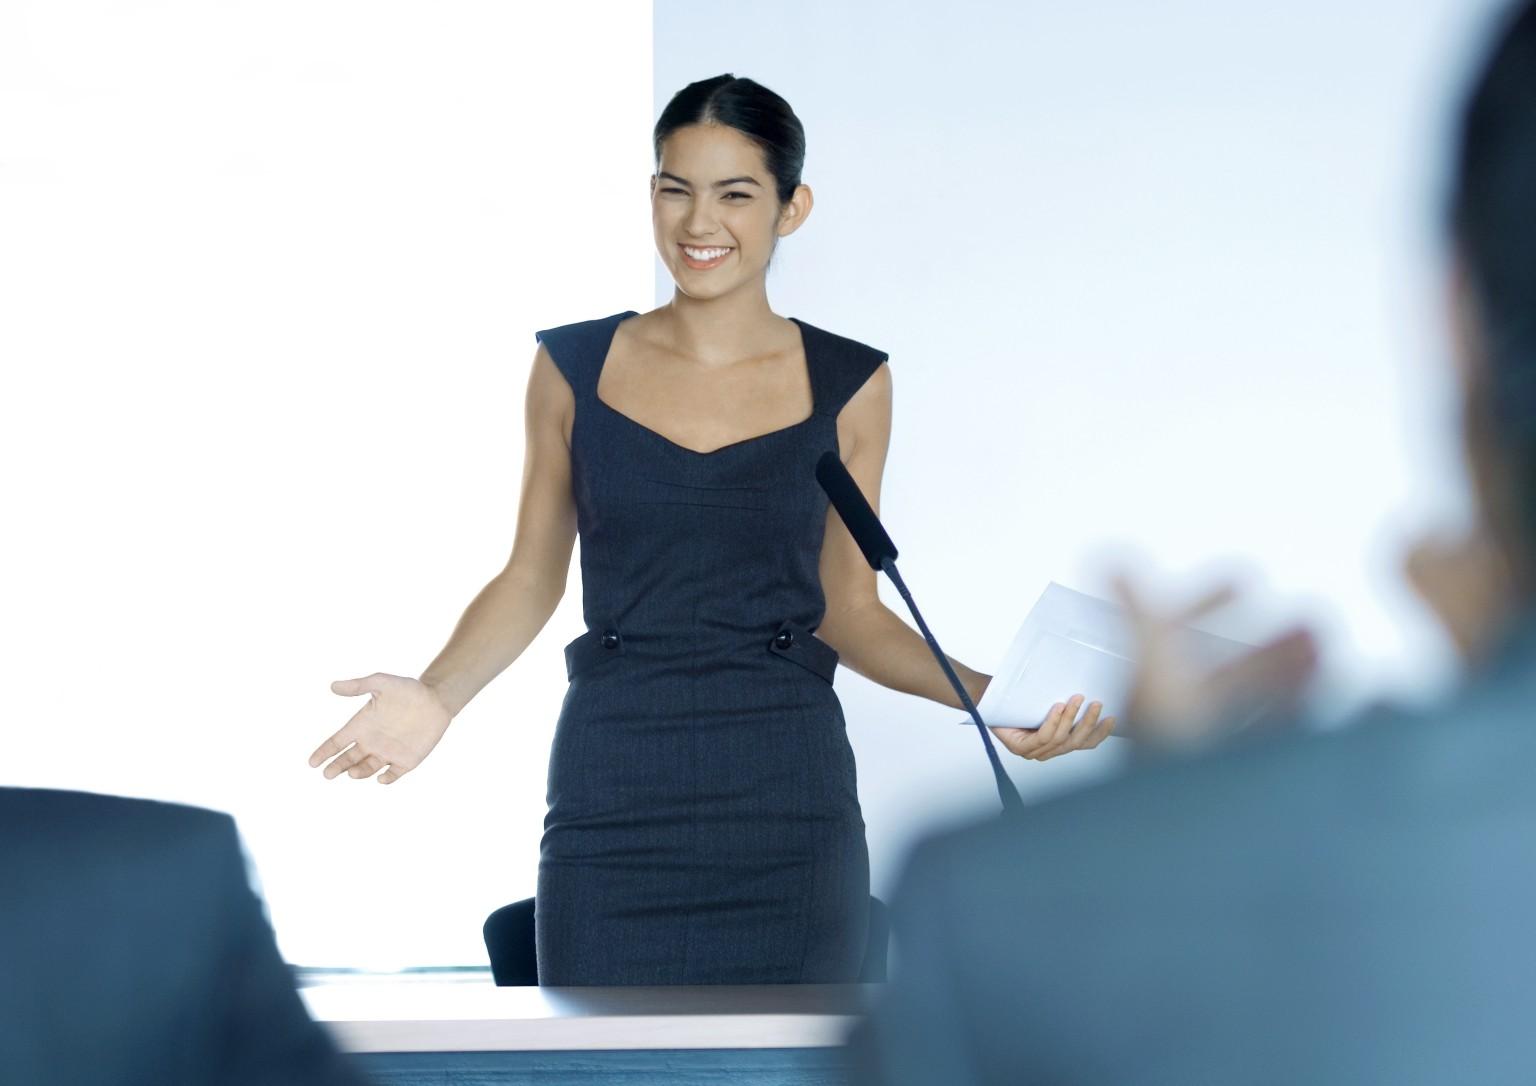 Women Public Speaking O-public-speaking-facebook.jpg